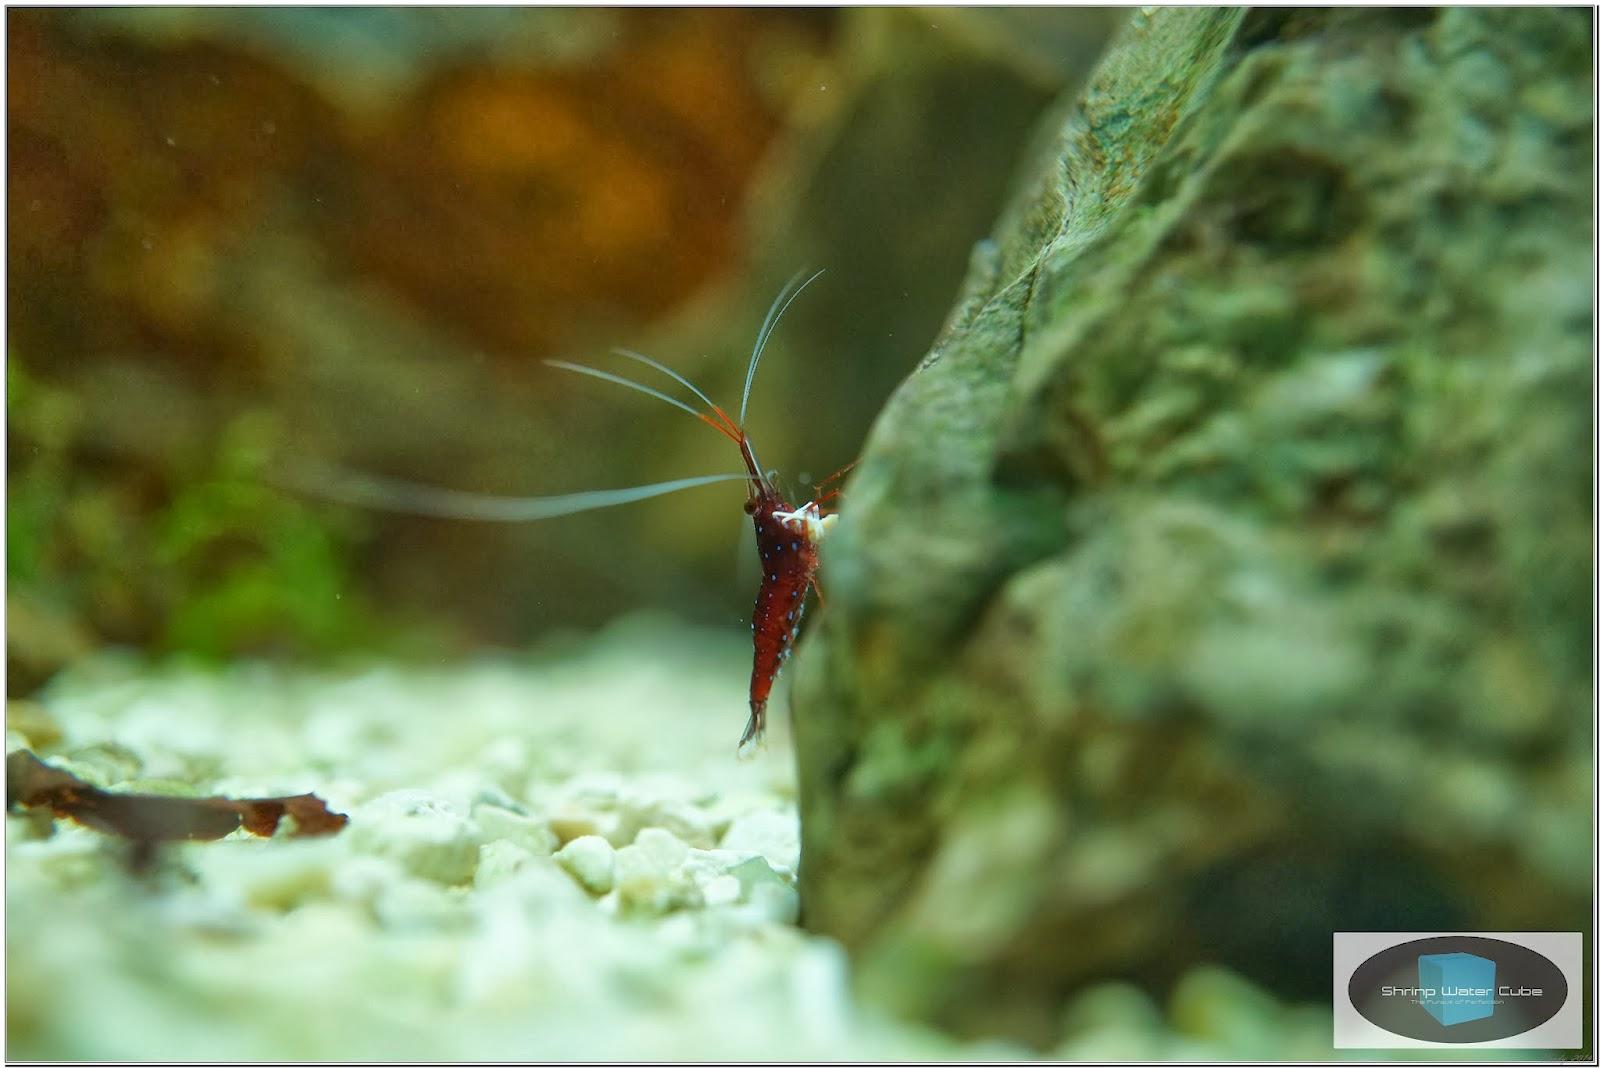 ... Shrimp Water Cube: Sulawesi Cardinal Shrimp (Caridina sp.